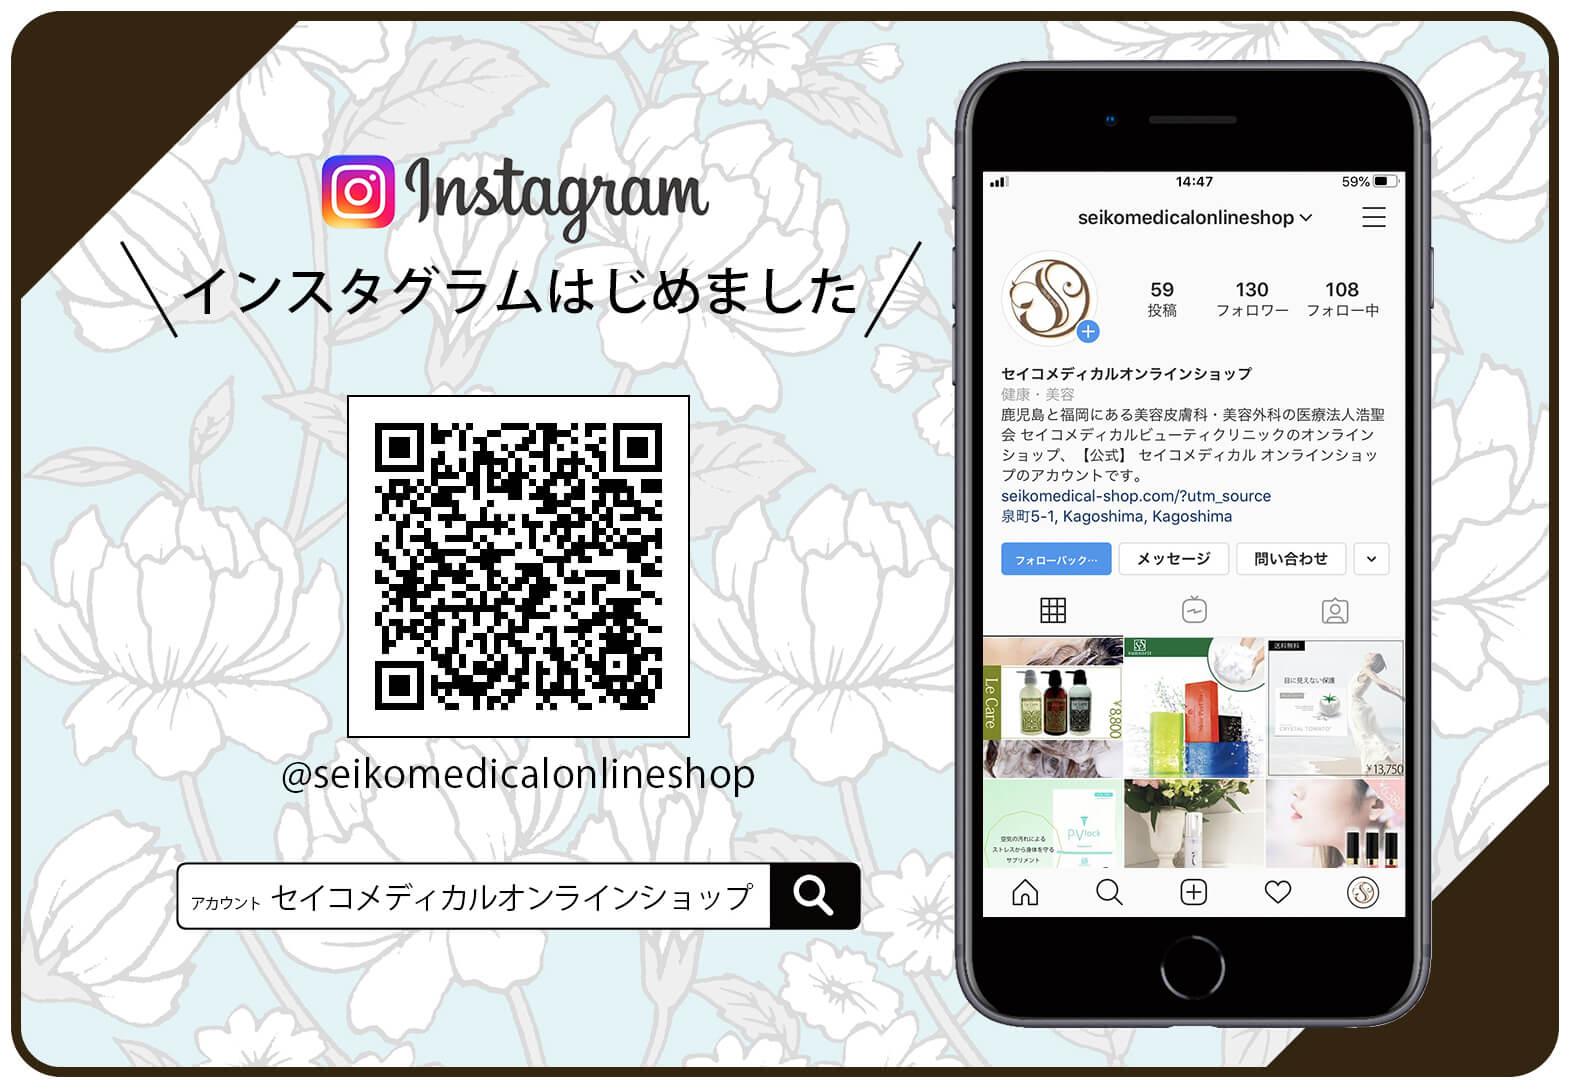 セイコメディカルオンラインショップ Instagram インスタグラム